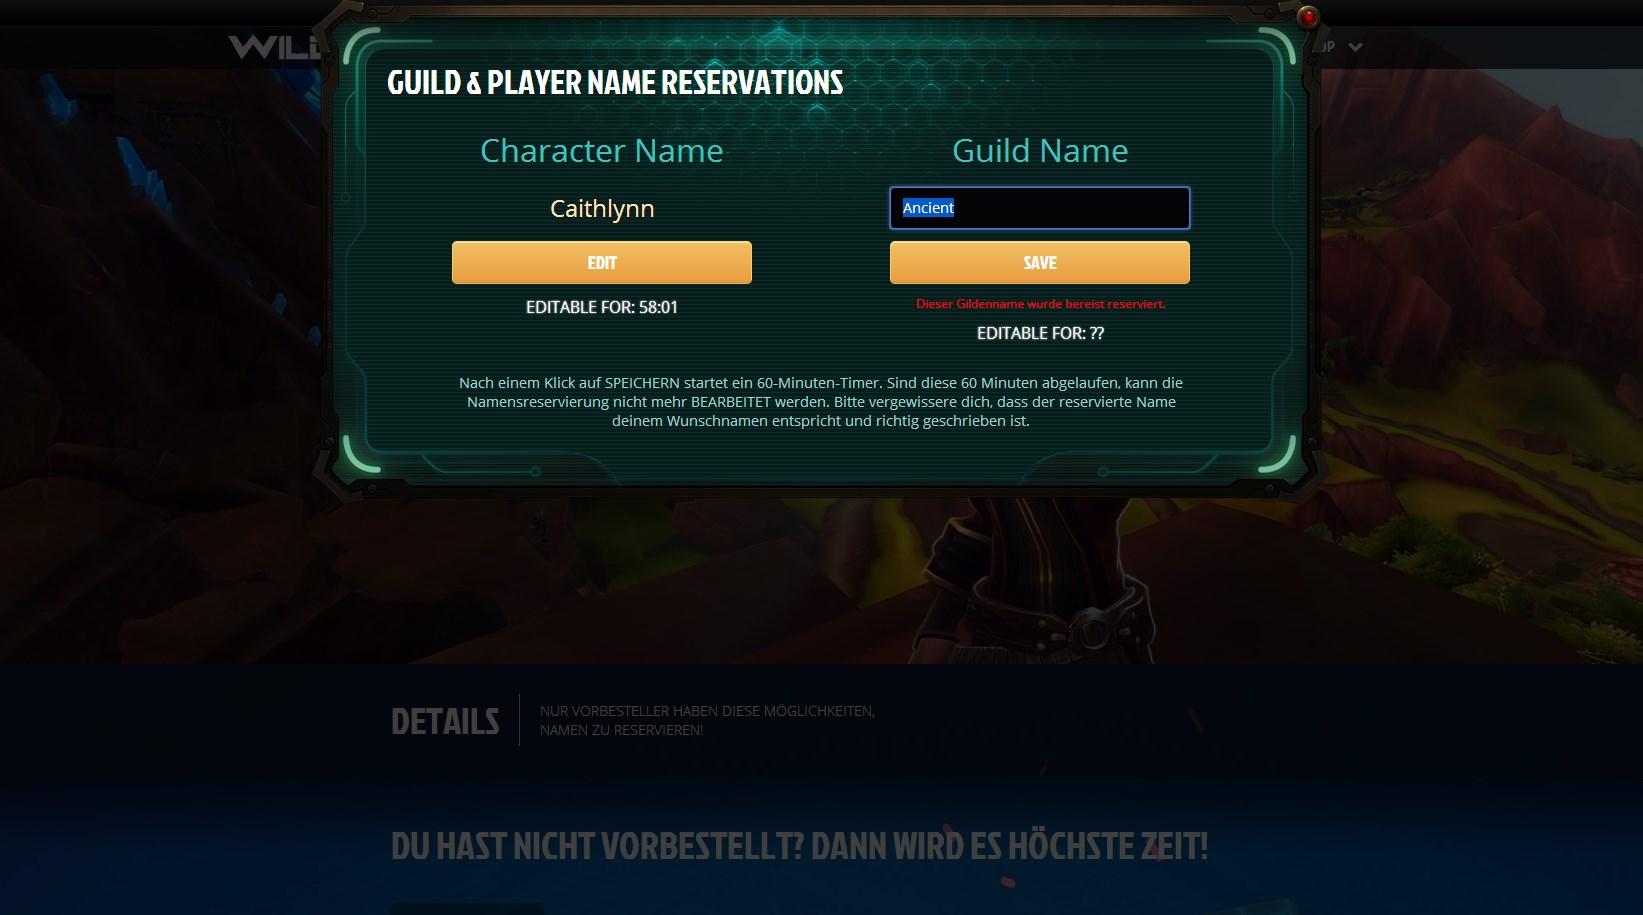 WildStar: Der Run auf die Namen für die Vorbesteller hat begonnen!